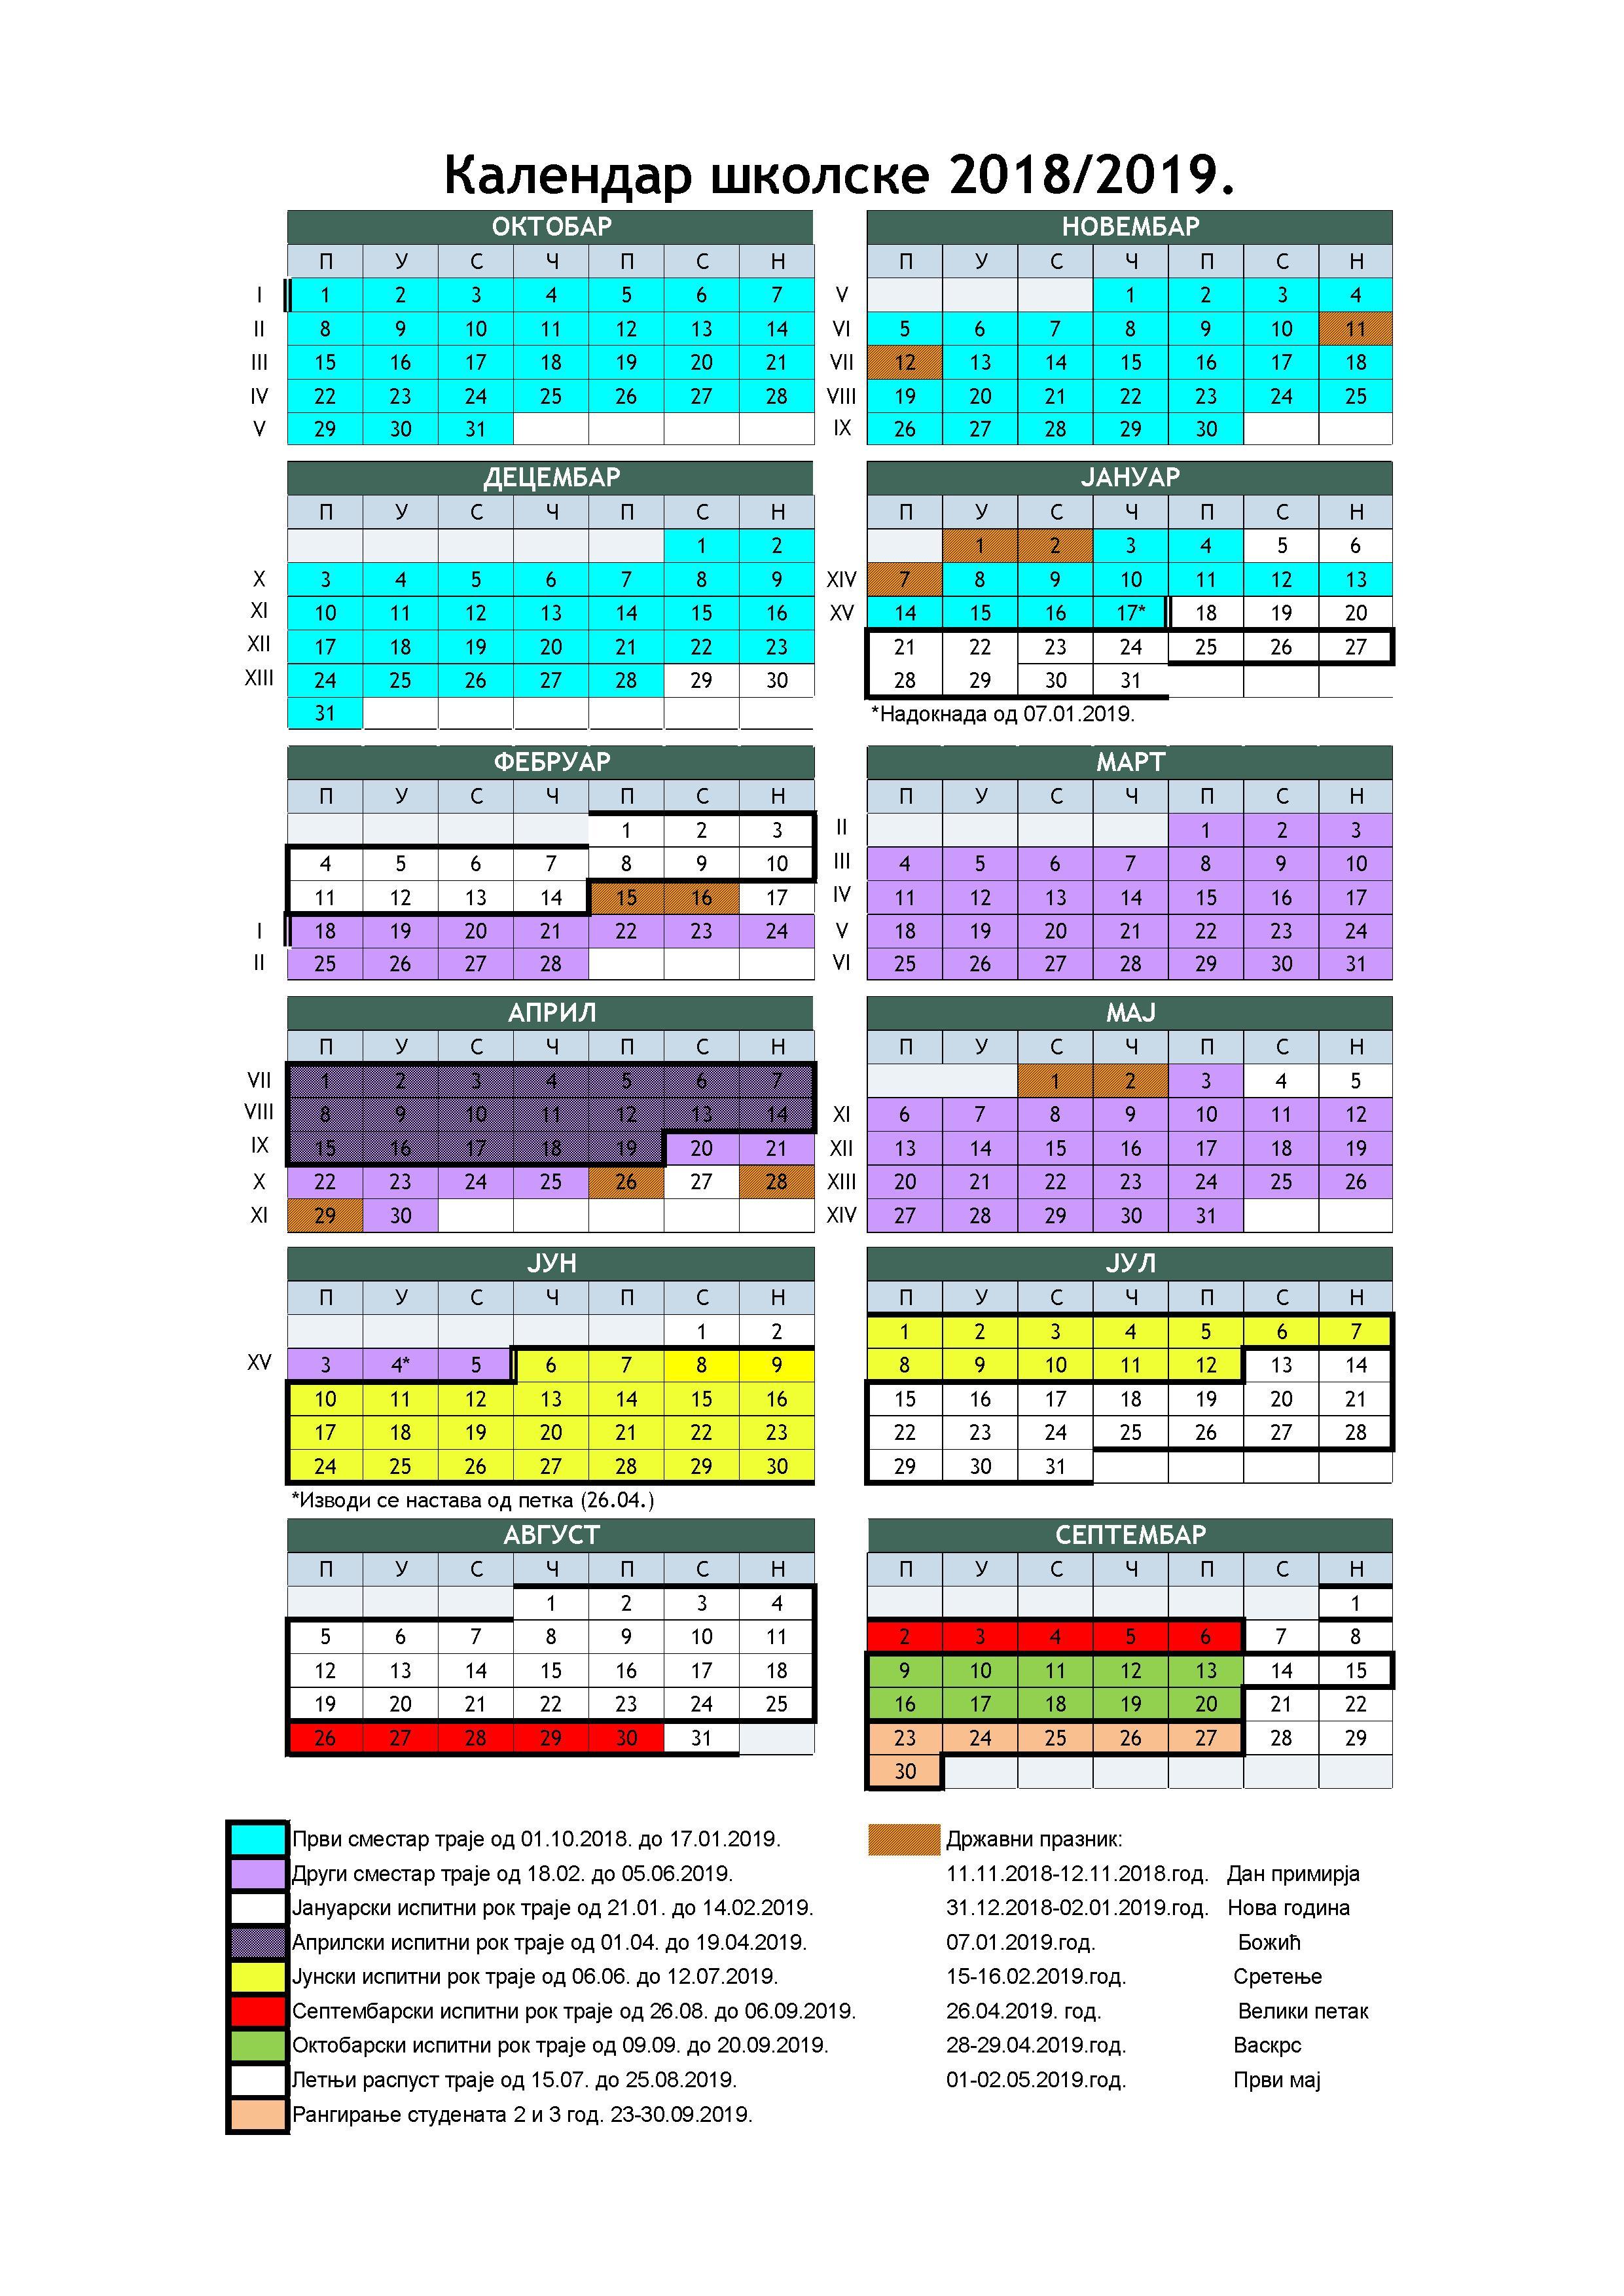 kalendar 2018-2019